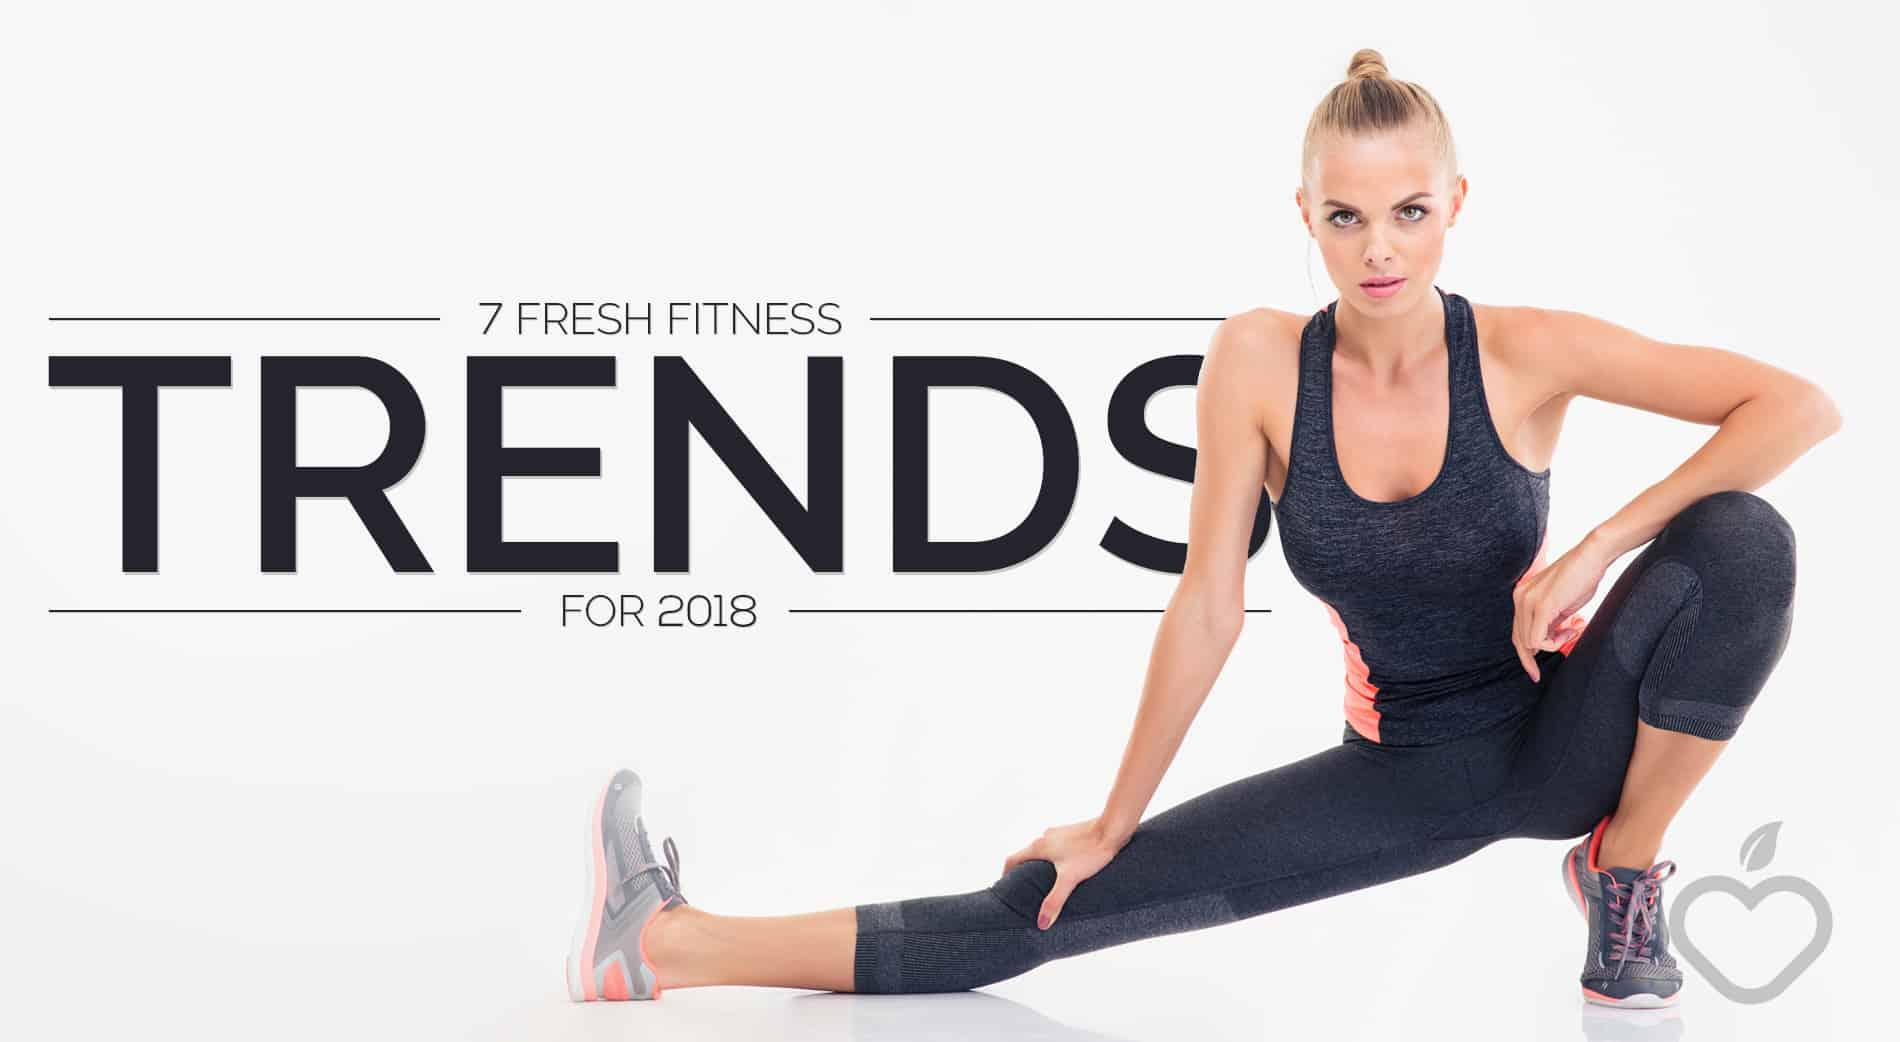 7 Fresh Fitness Trends for 2018 ⋆ New York city blog